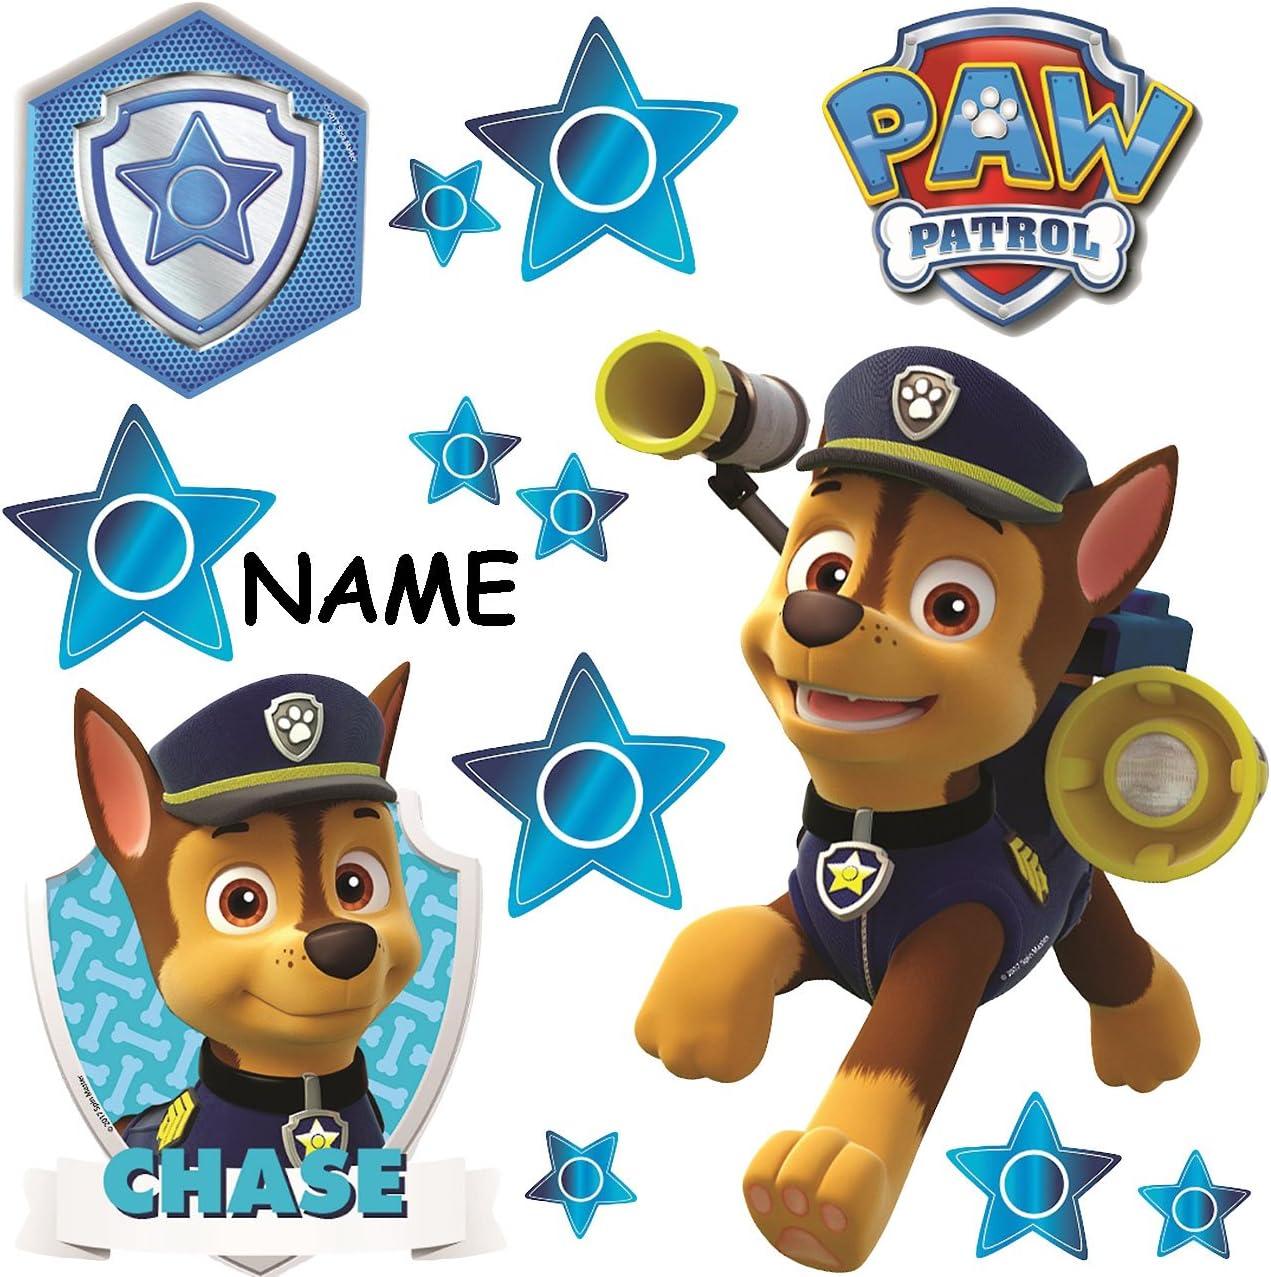 selbstklebend alles-meine.de GmbH 13 TLG Paw Patrol Fenster.. inkl Sticker Fenstersticker Aufkleber wiederverwendbar Name Polizei Hund Chase Set /_ Fensterbilder